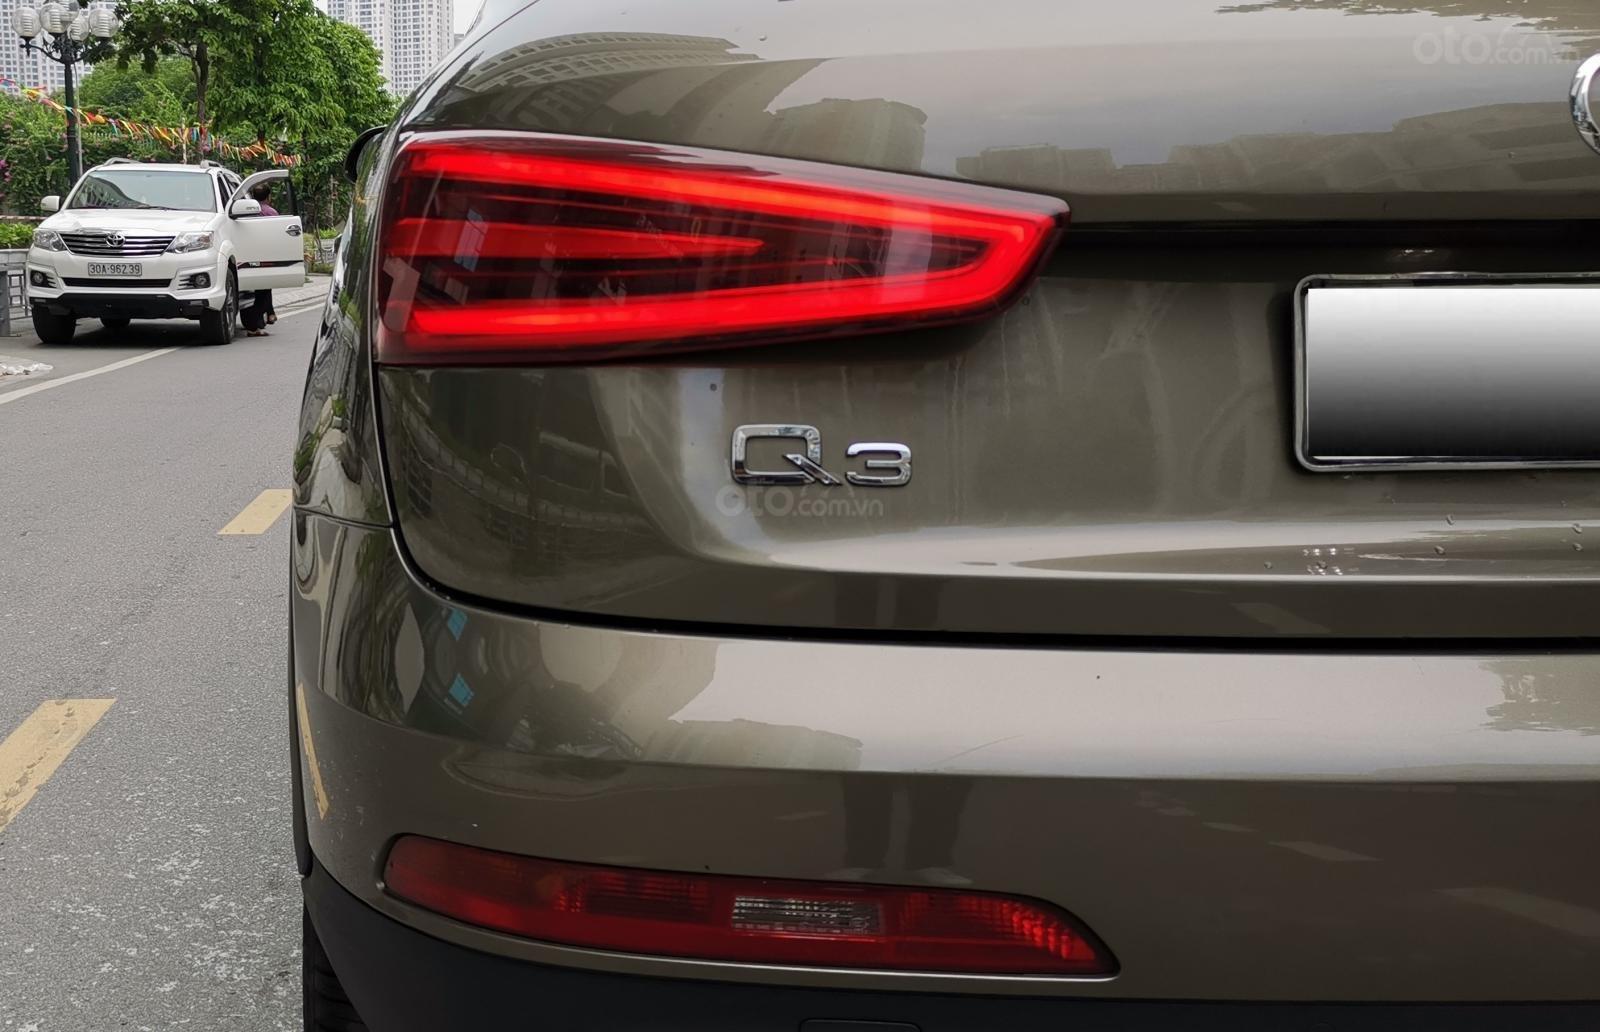 Cần bán Audi Q3 sản xuất 2015 nhập khẩu (5)